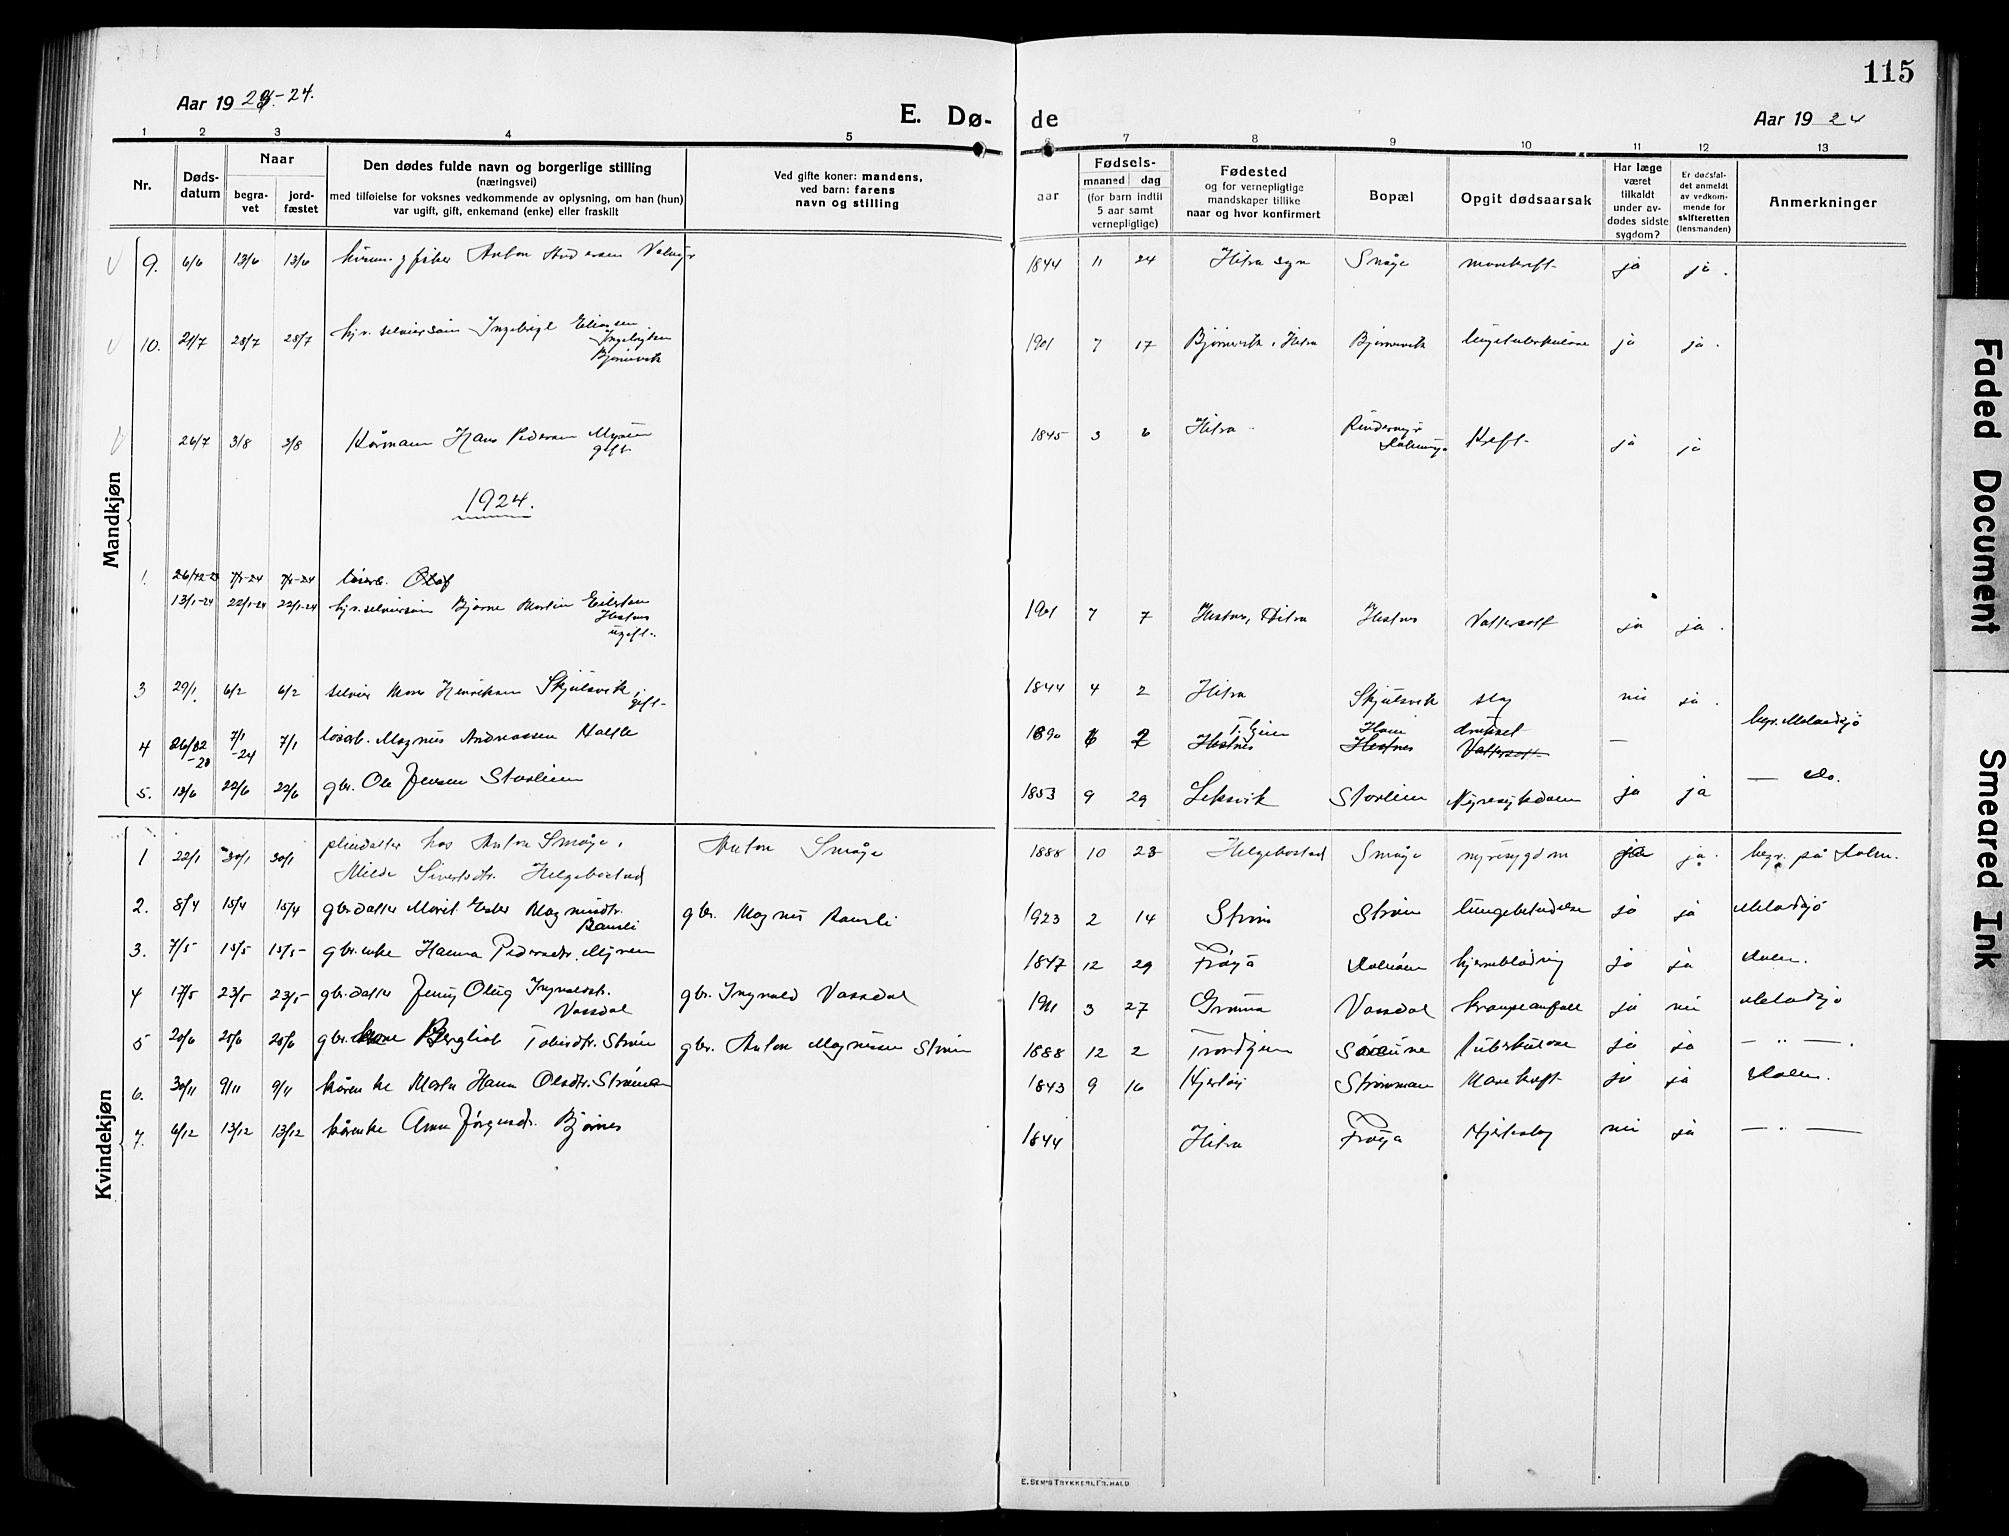 SAT, Ministerialprotokoller, klokkerbøker og fødselsregistre - Sør-Trøndelag, 634/L0543: Klokkerbok nr. 634C05, 1917-1928, s. 115